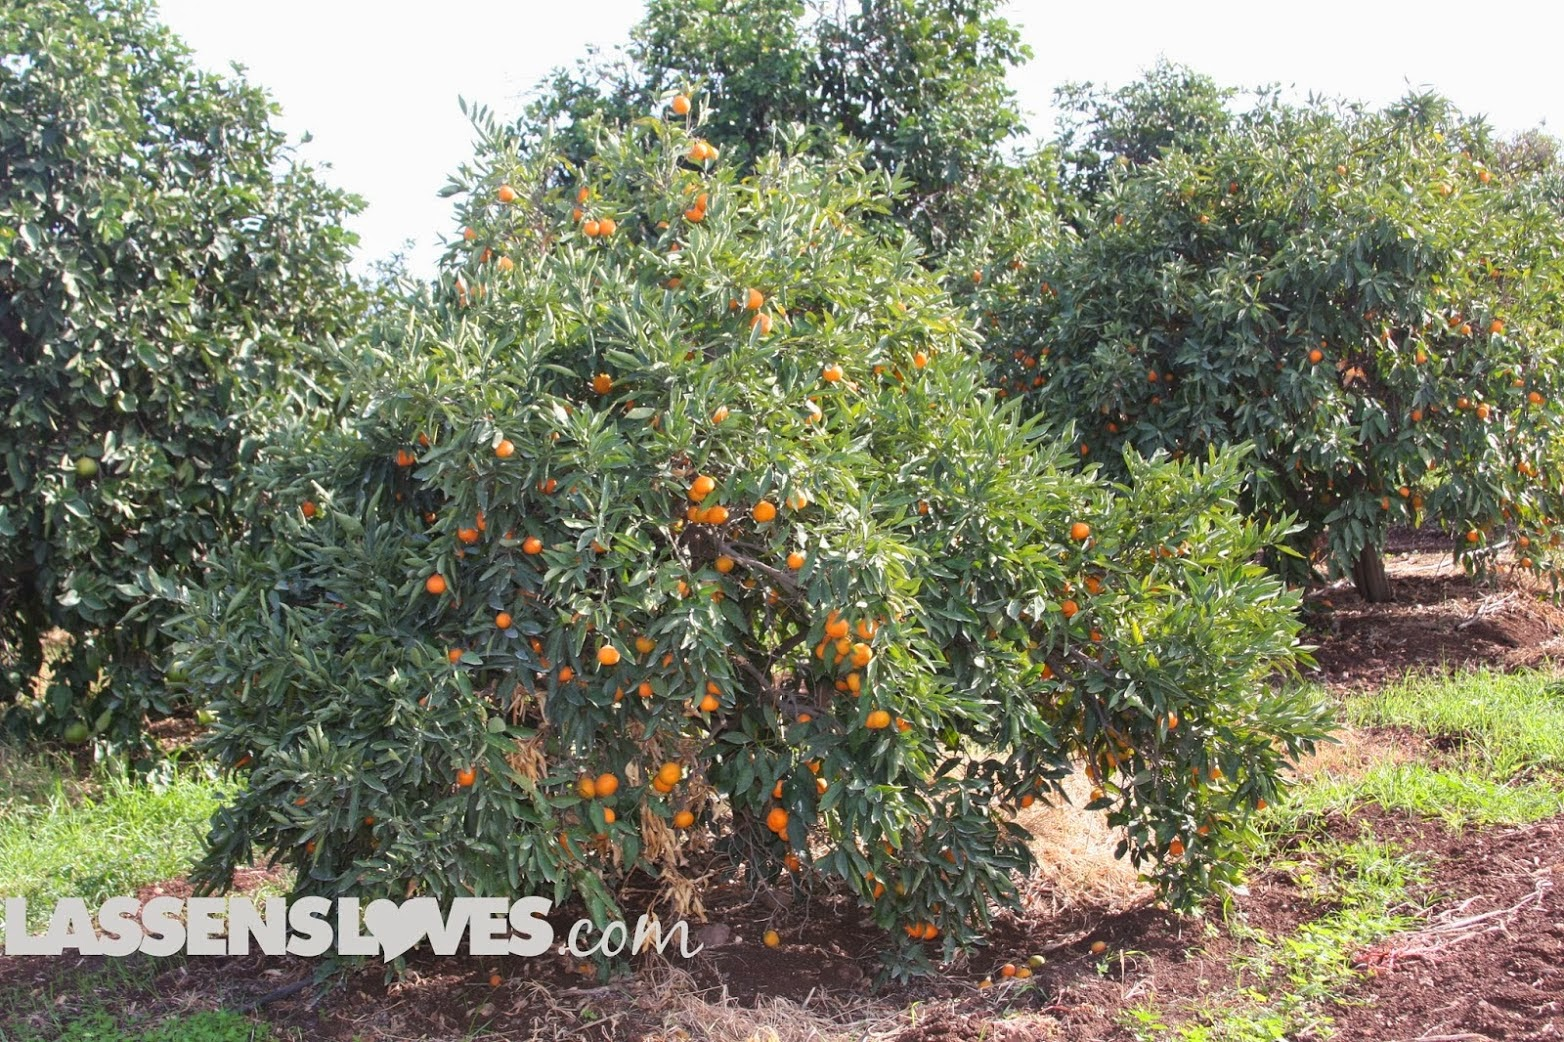 buck+brands+citrus, organic+citrus